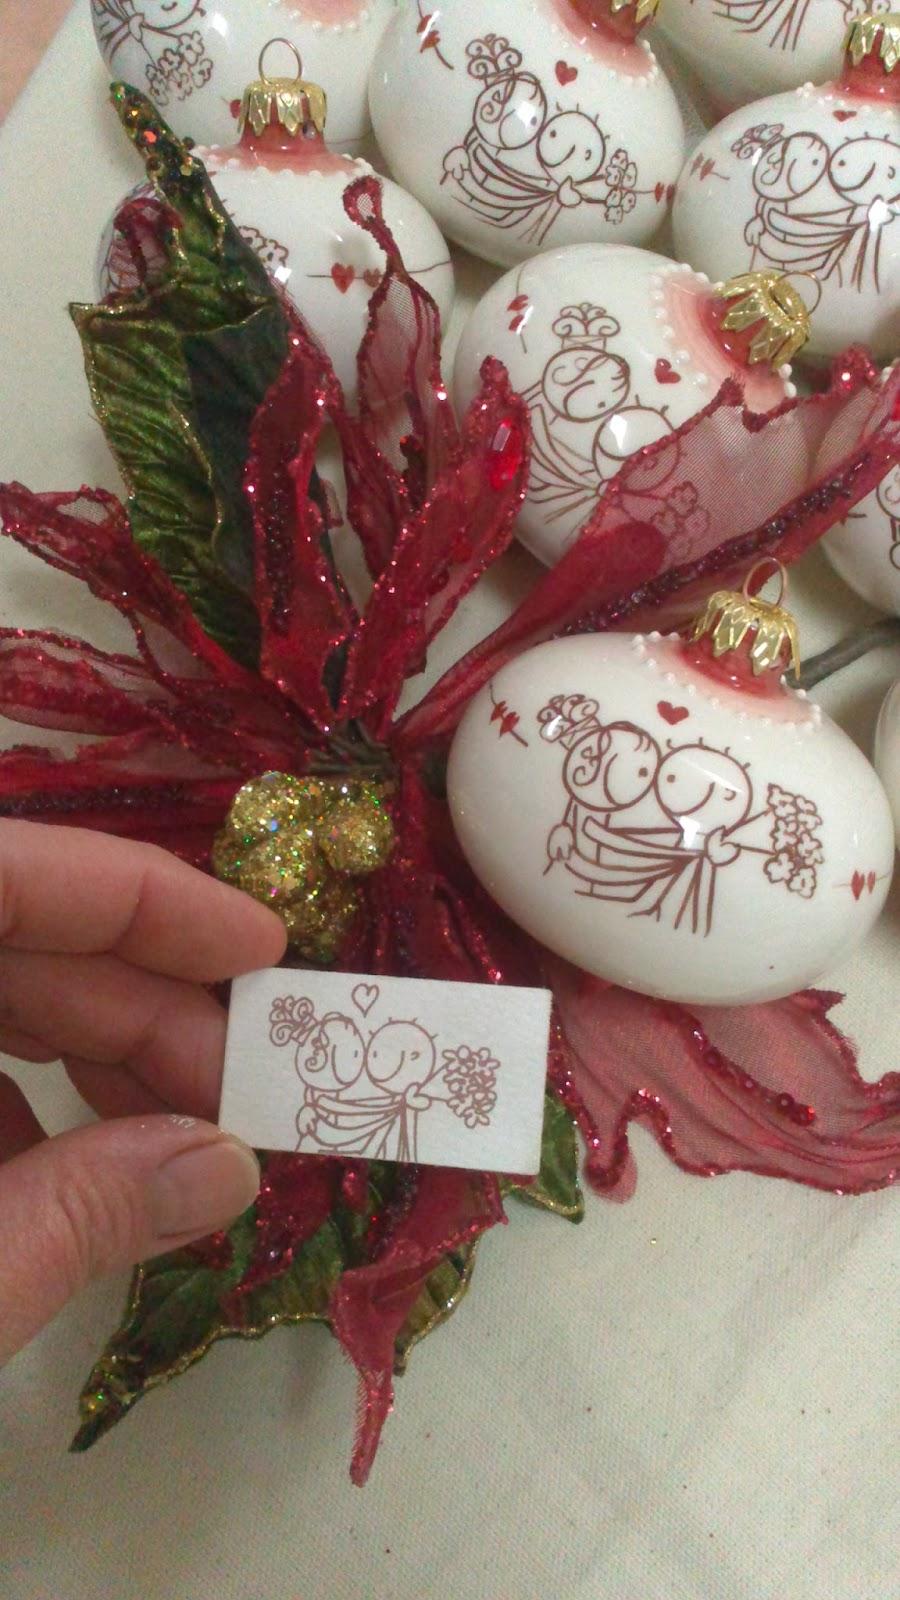 Bomboniere Matrimonio Natalizie.Ceramica Come Mestiere Pallina Di Natale Con Sposi Bomboniera